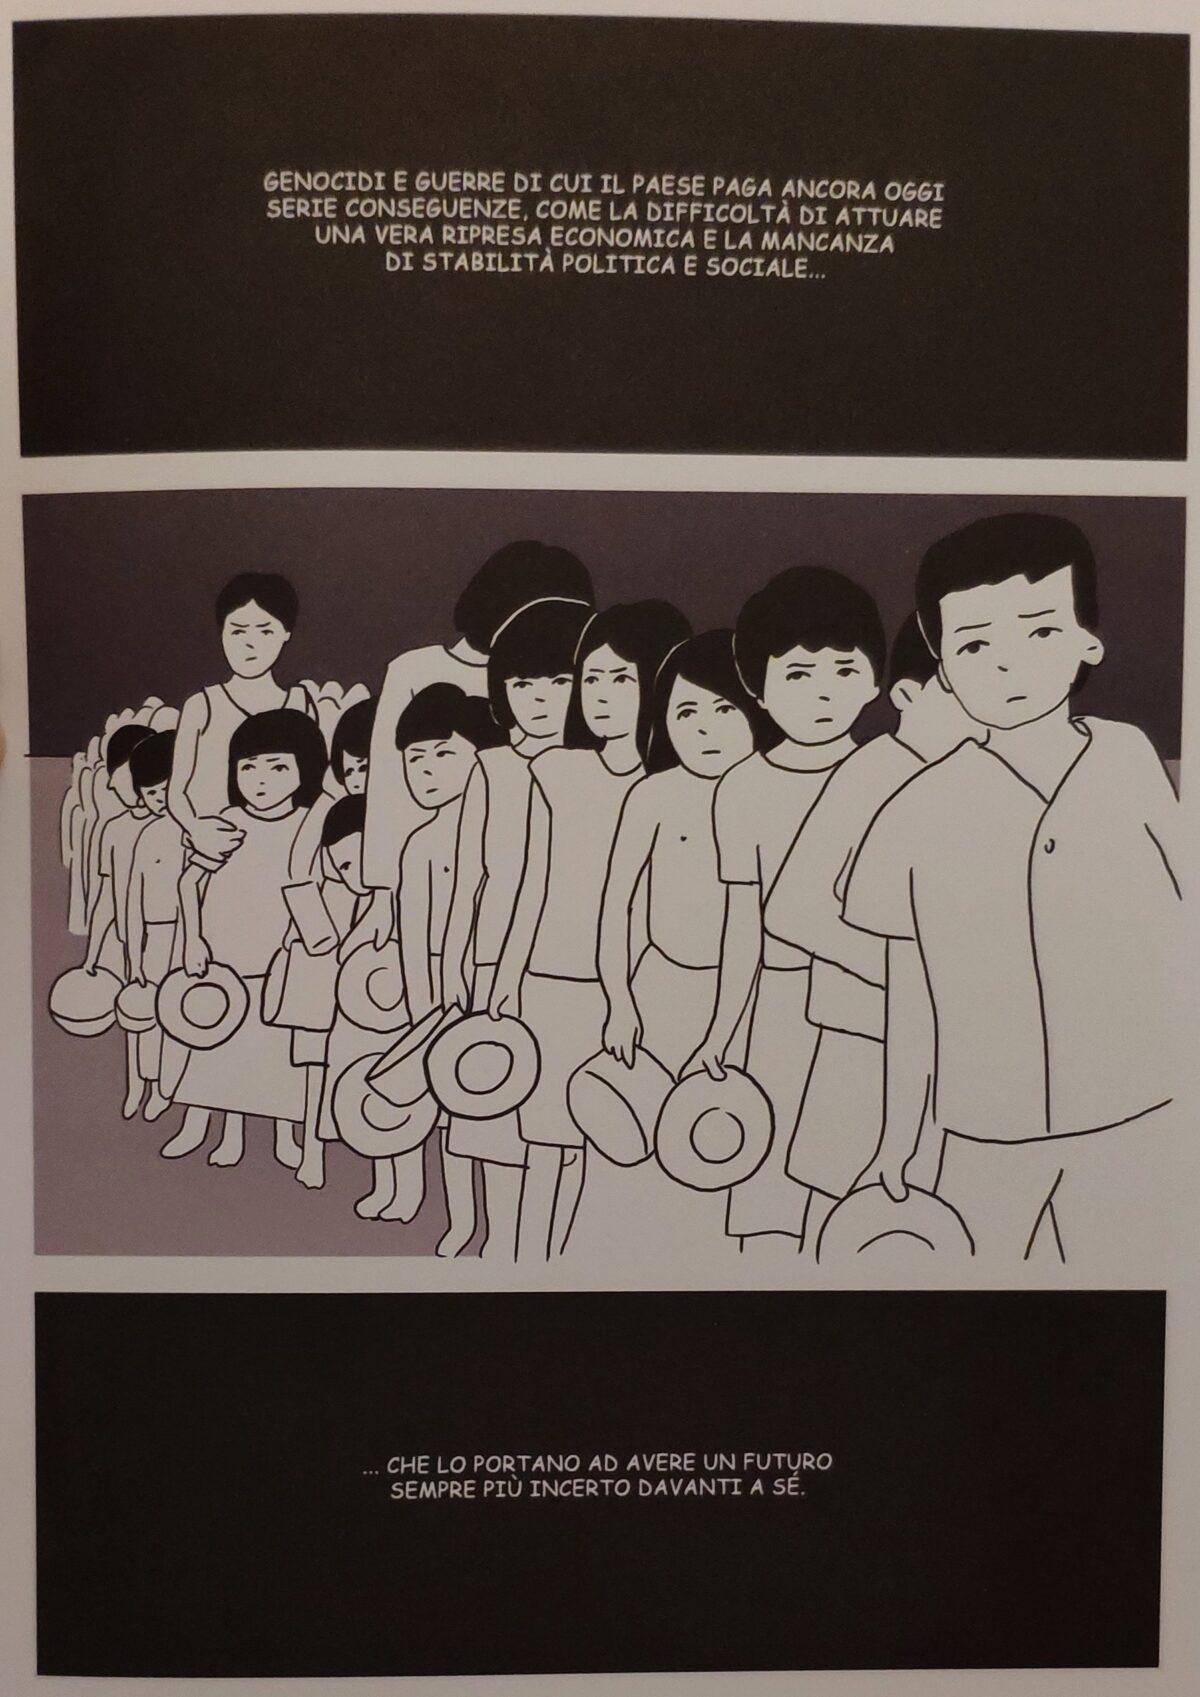 Mio caro fumetto... - Passato, presente e futuro della Cambogia